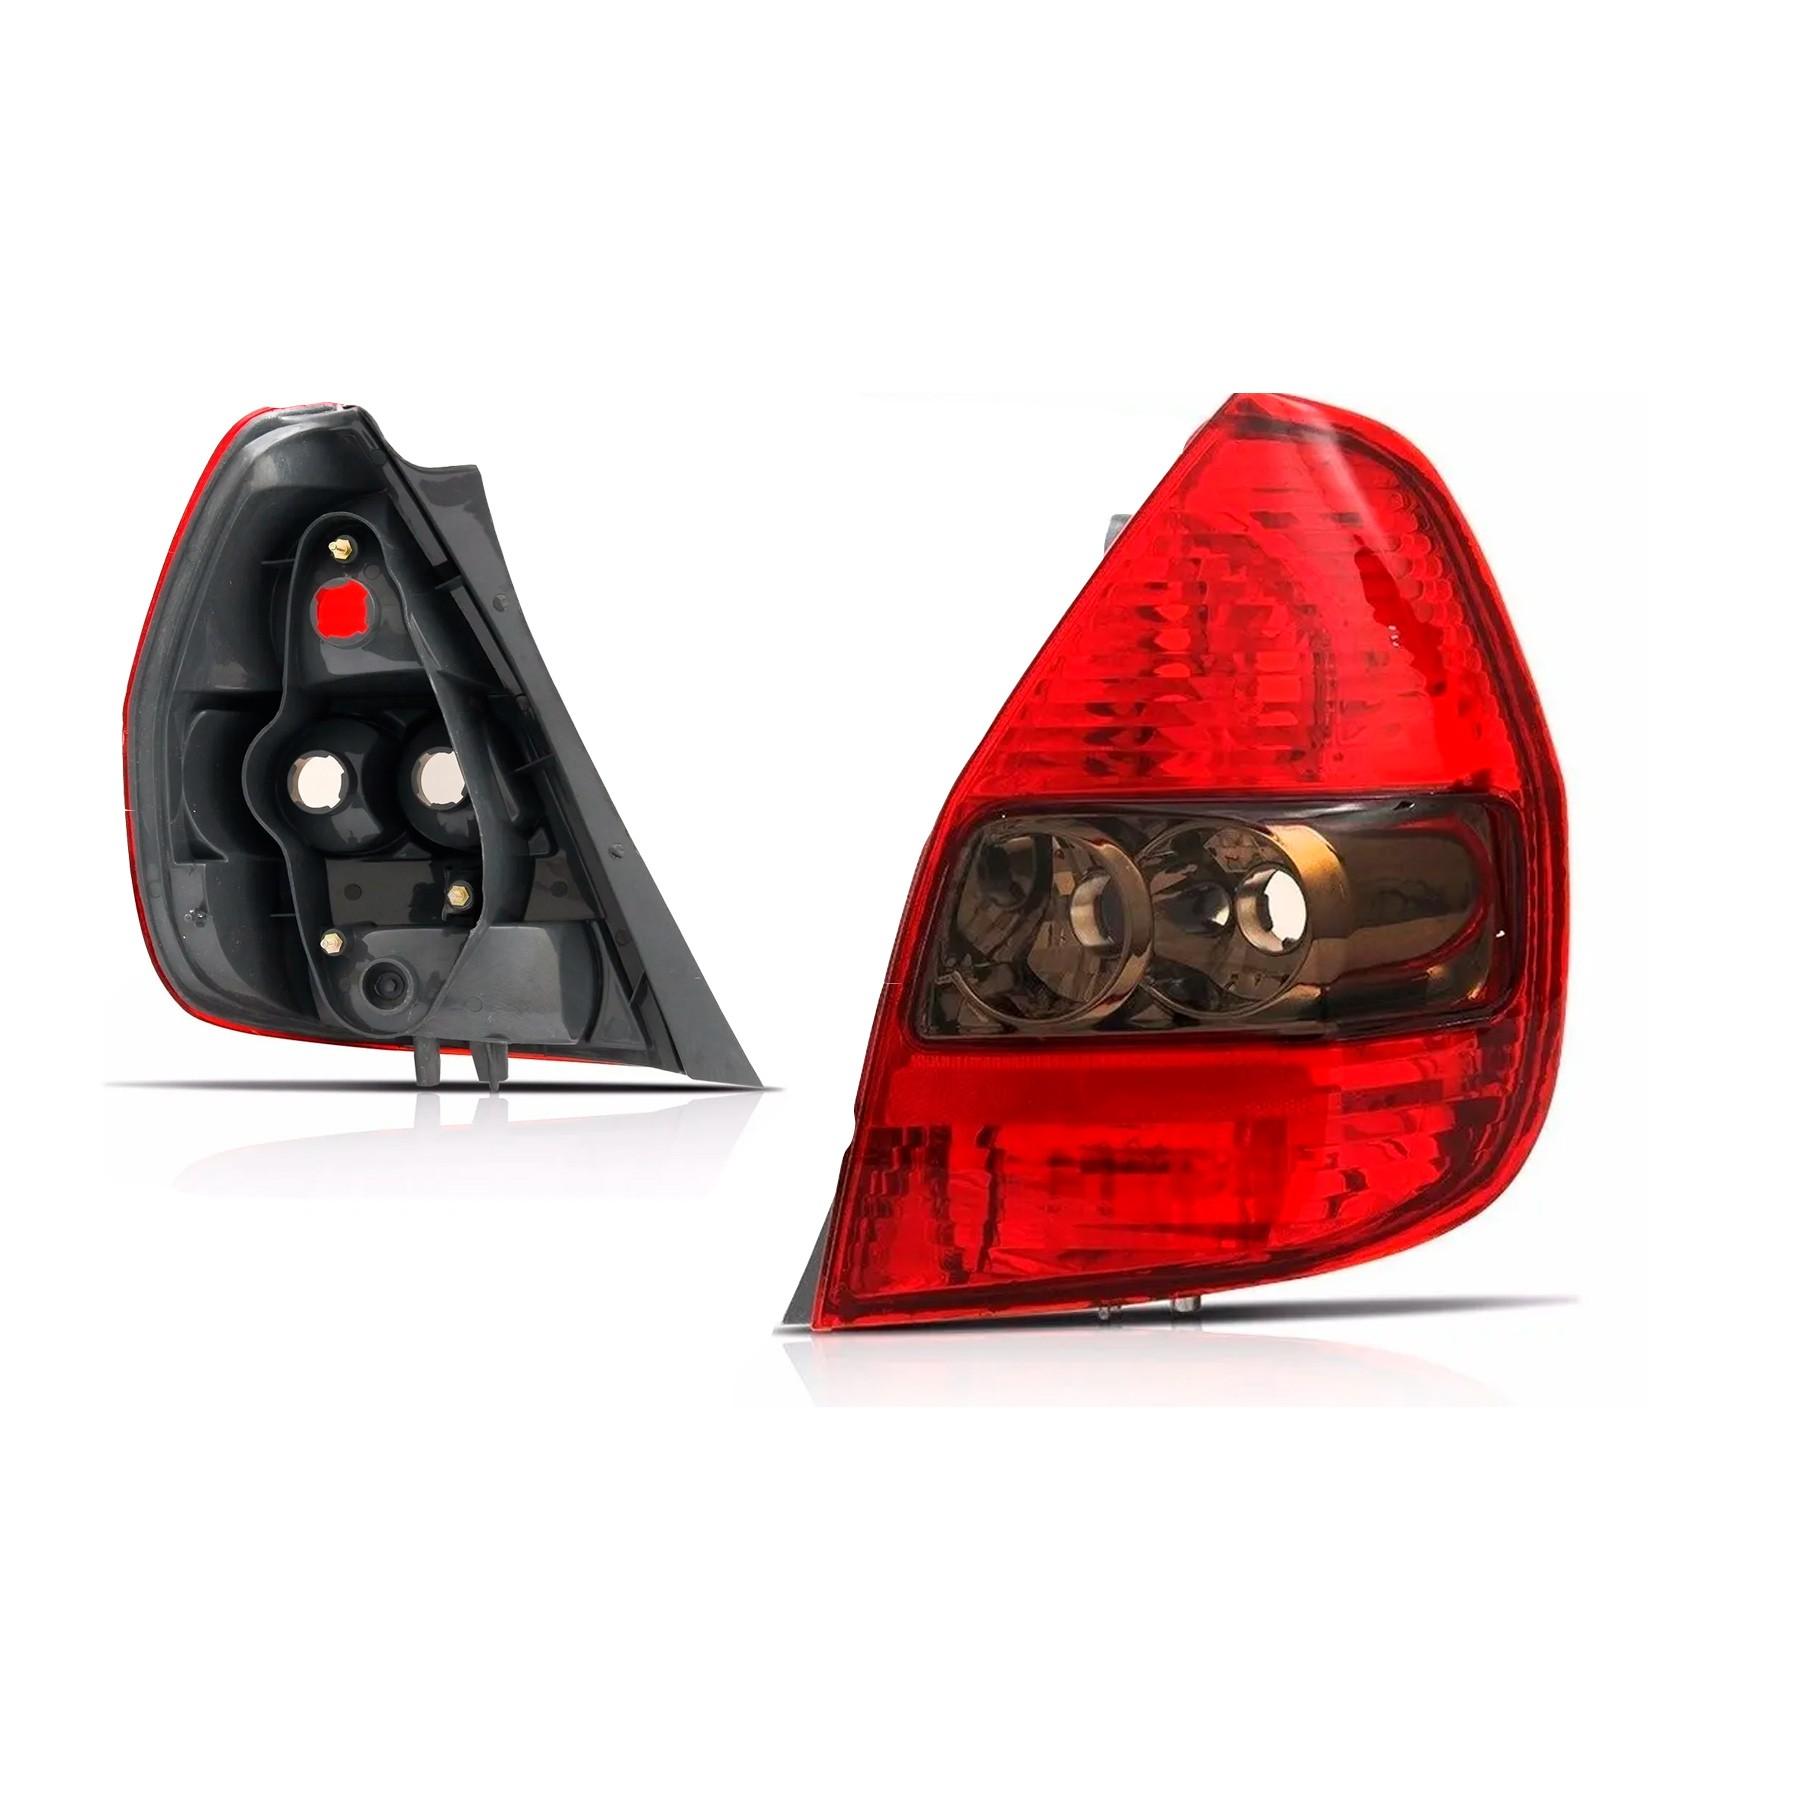 Lanterna Traseira Honda Fit Lado Direito 2003 a 2008 Fumê